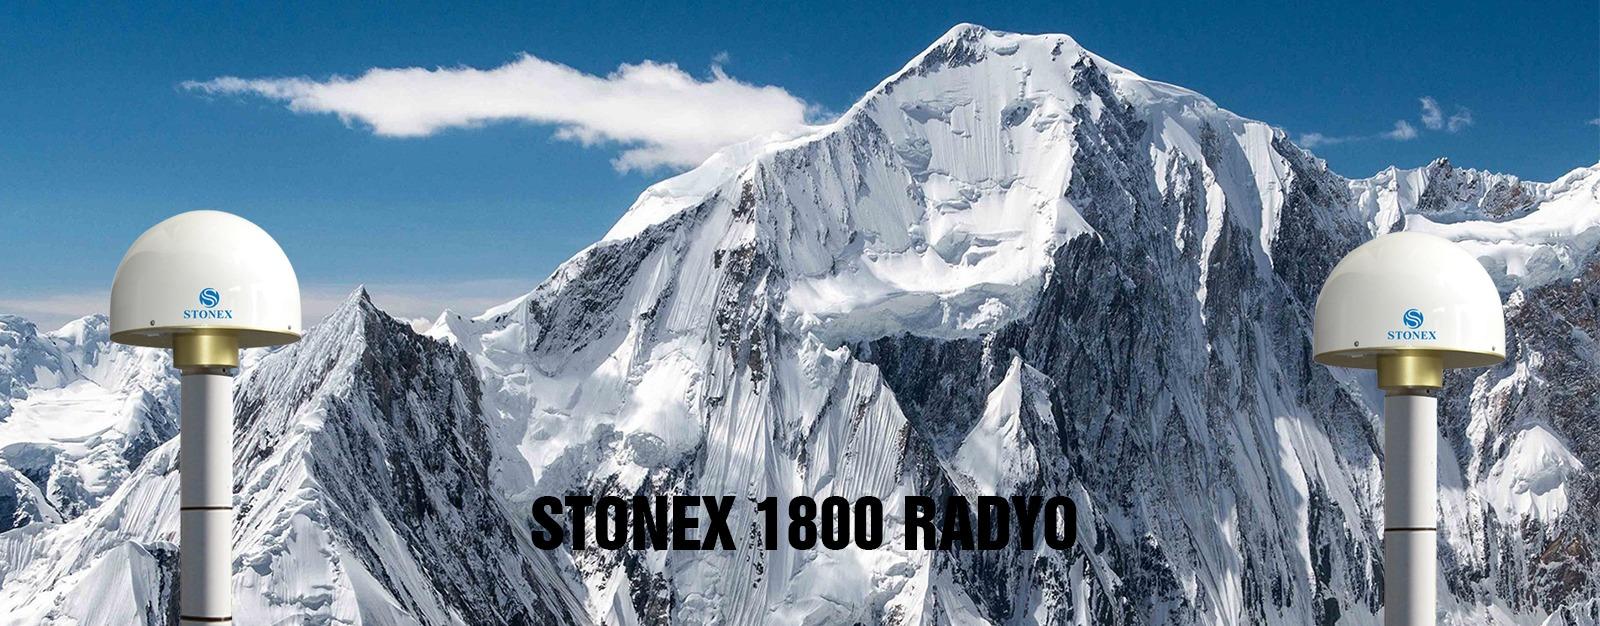 stonex-1800